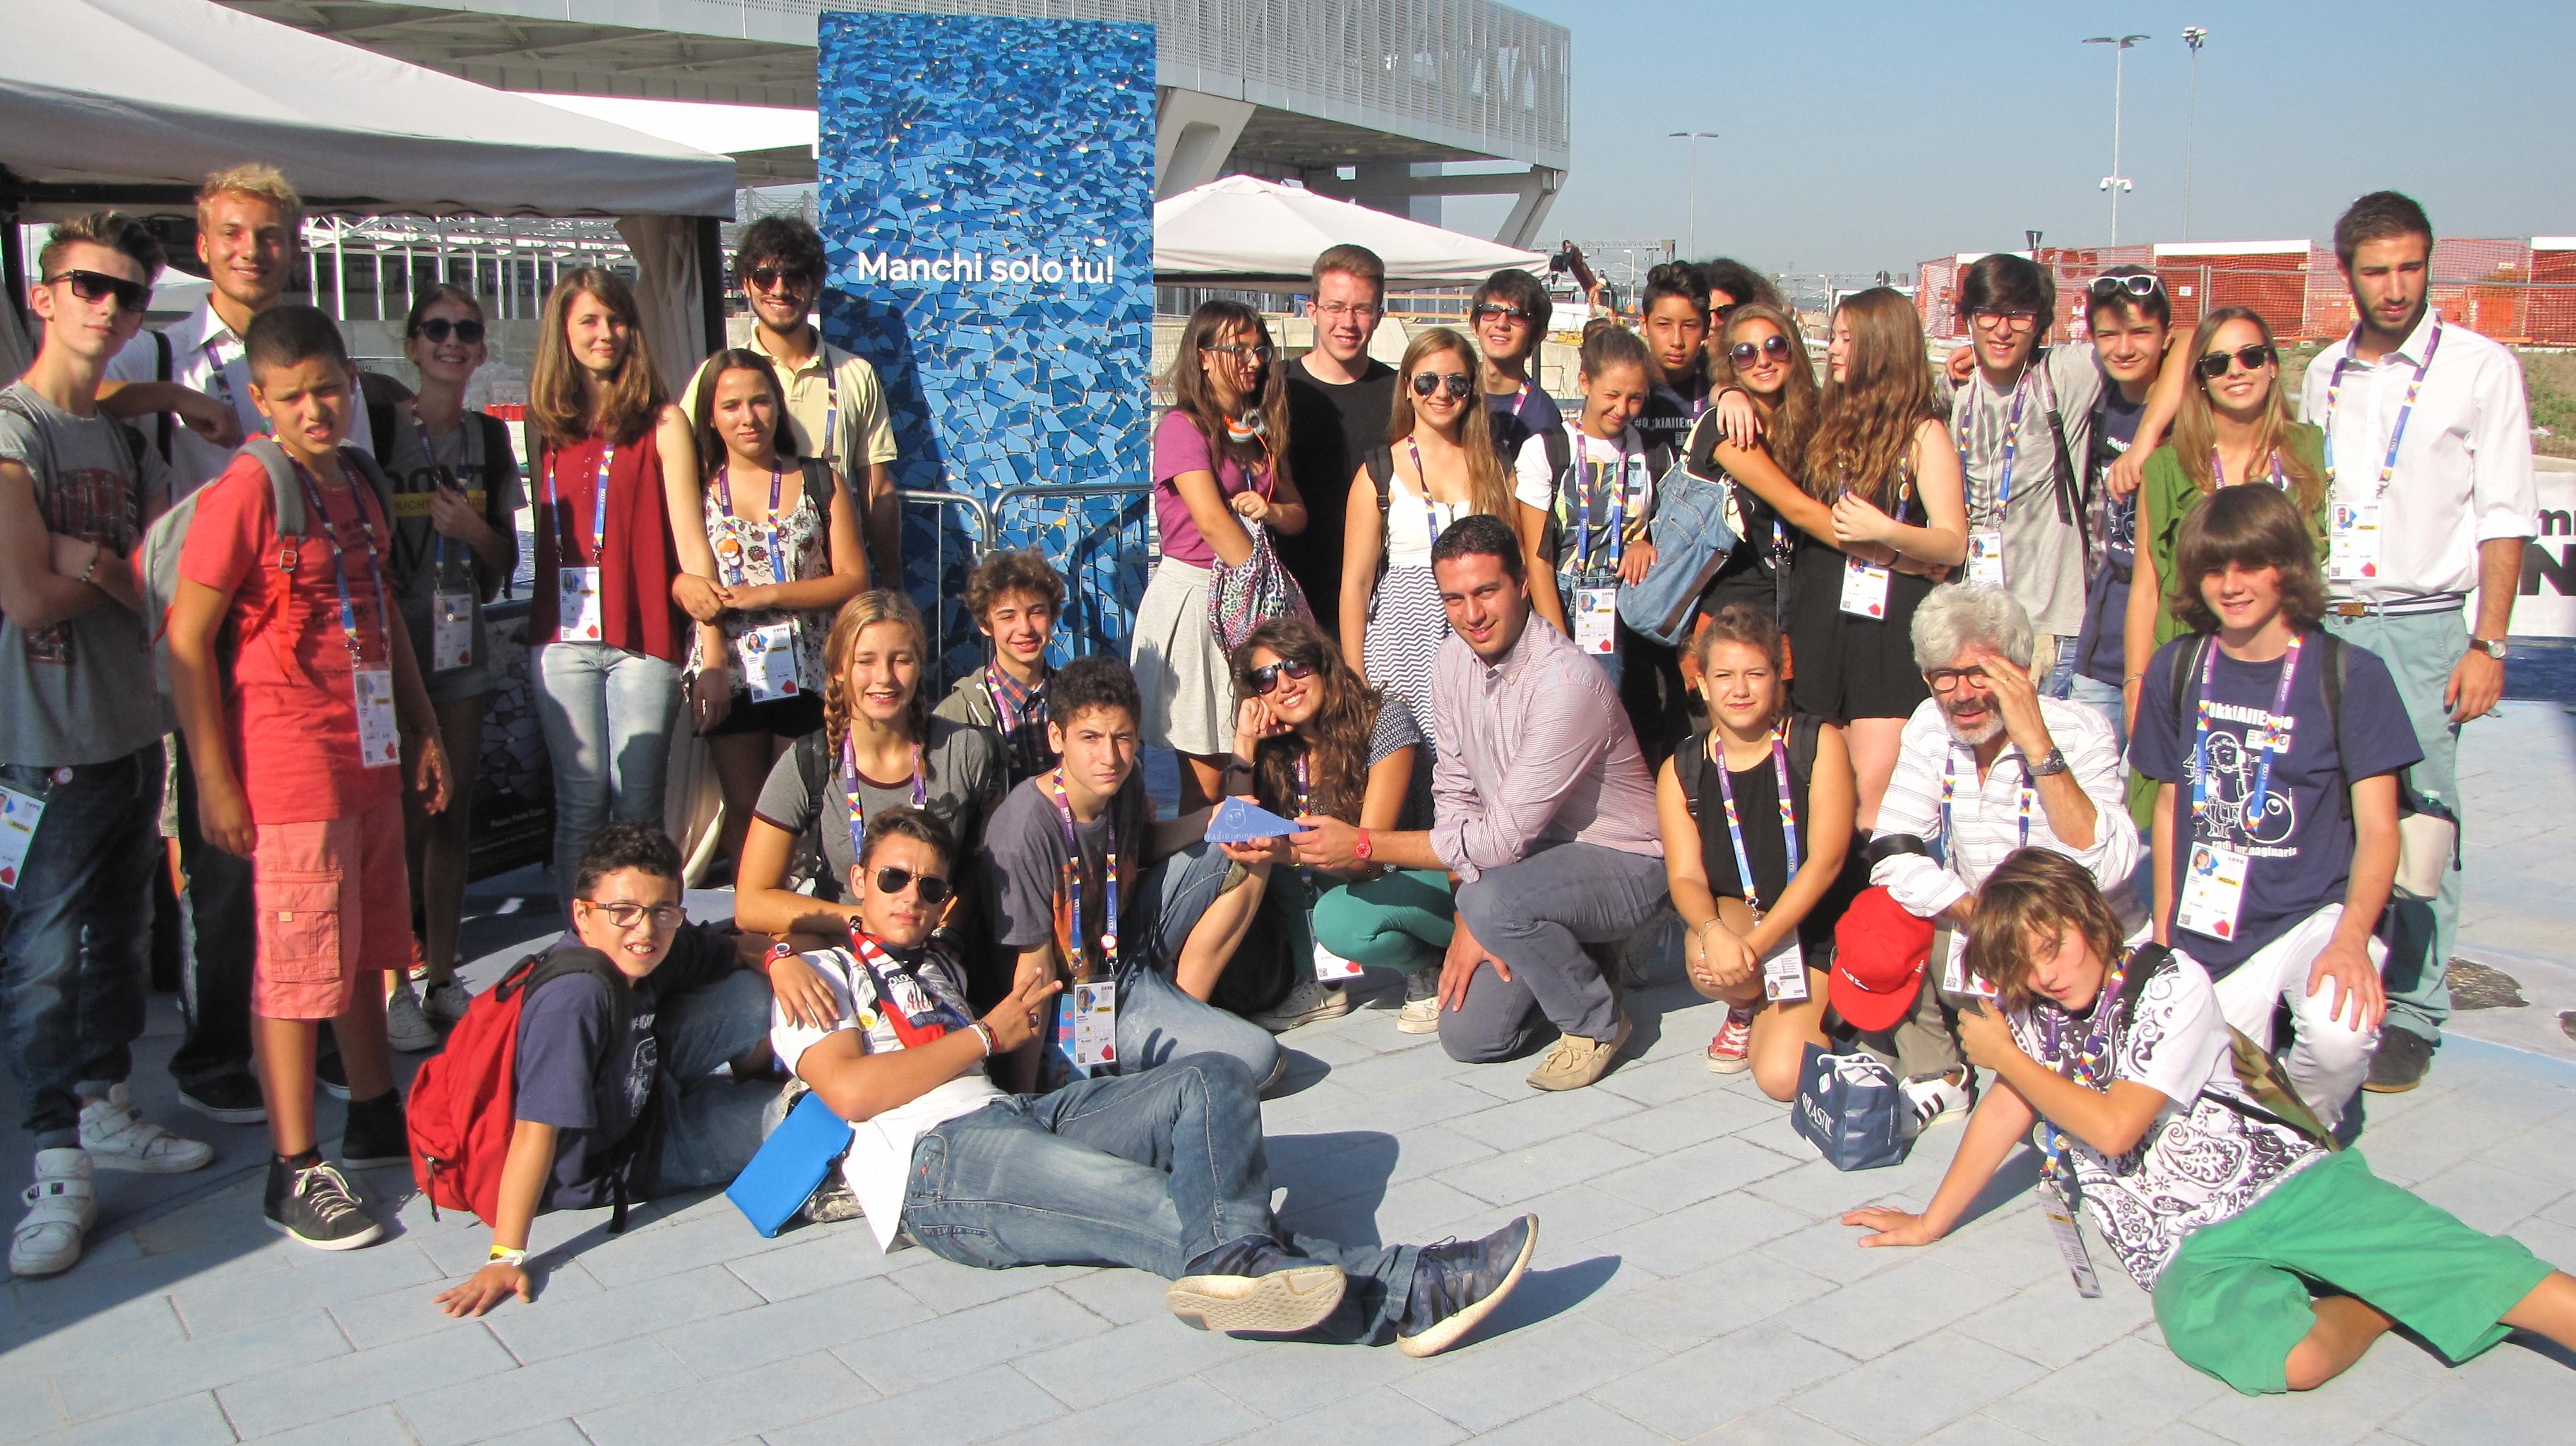 Radioimmaginaria a Expo 2015